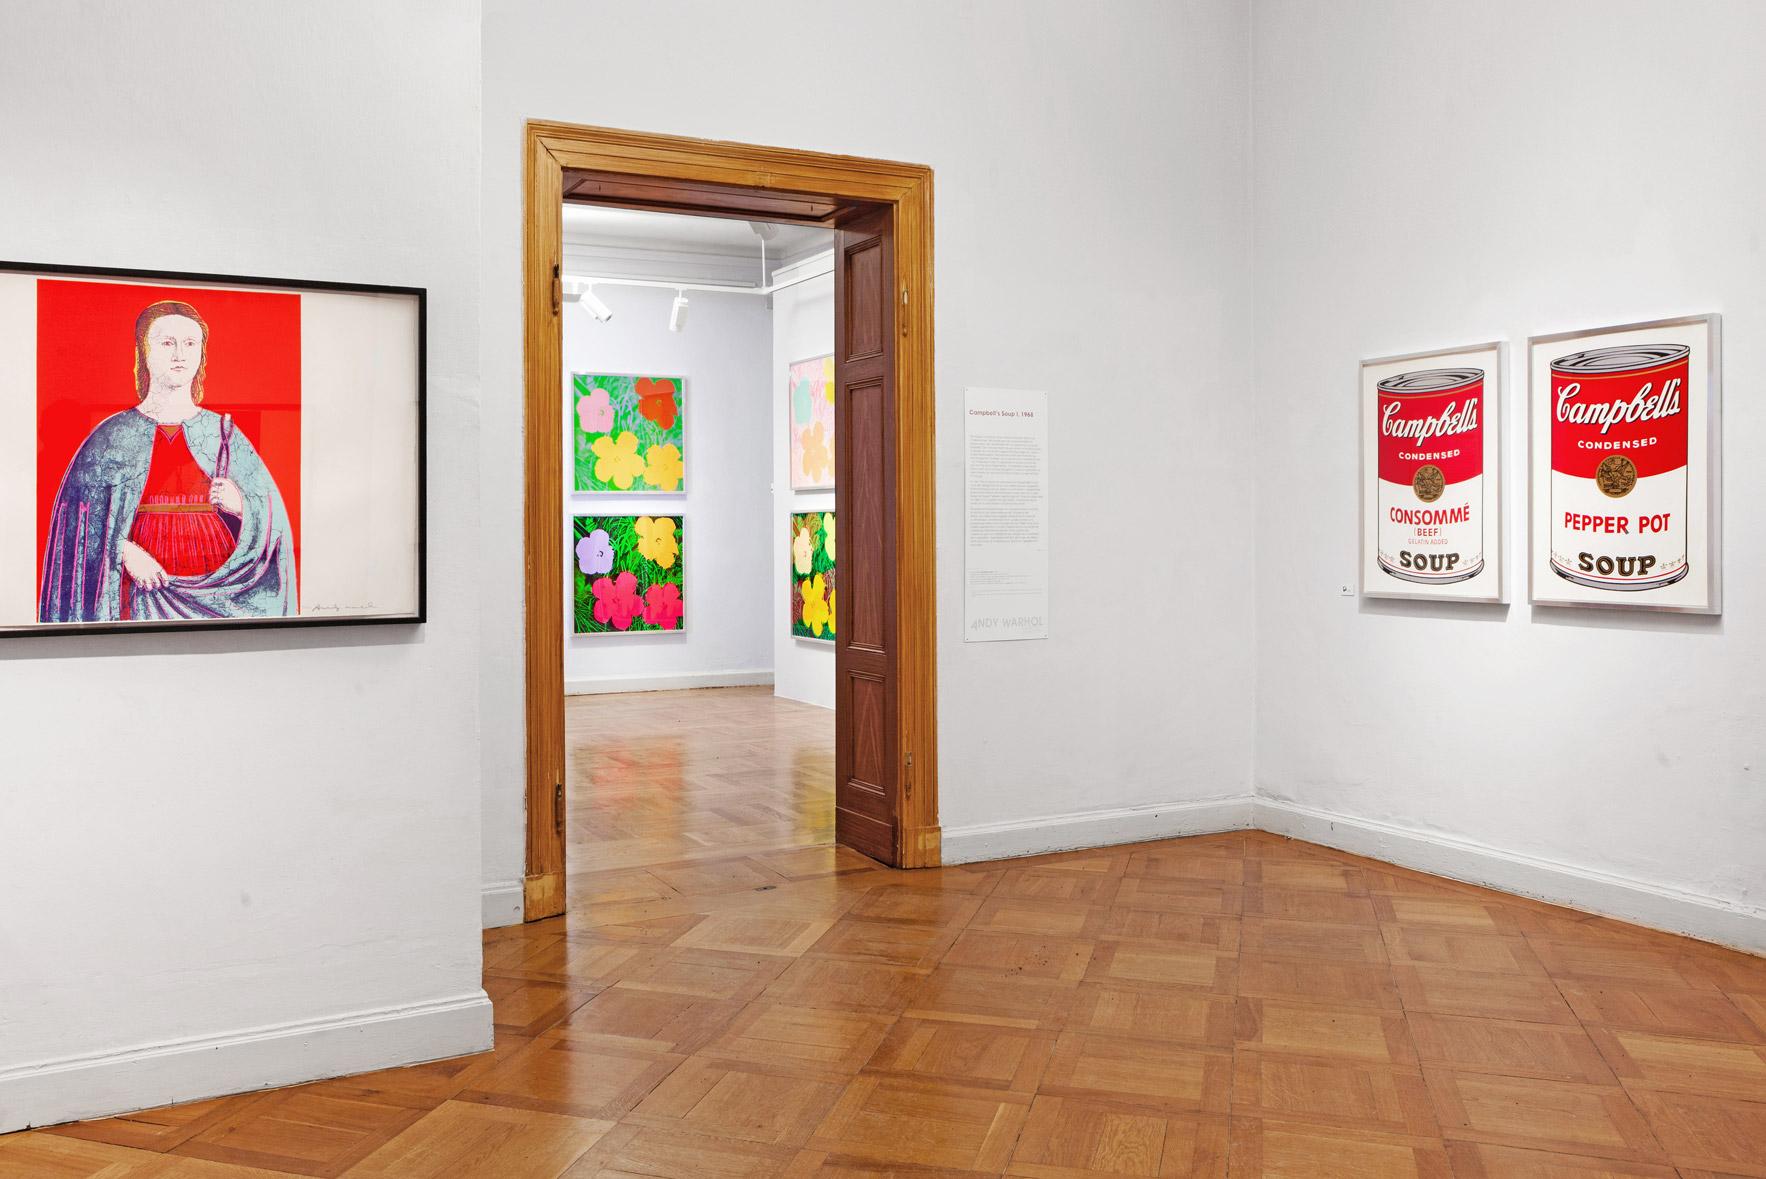 Ansicht Bilder des Künstlers Andy Warhol im Kunsthaus Apolda